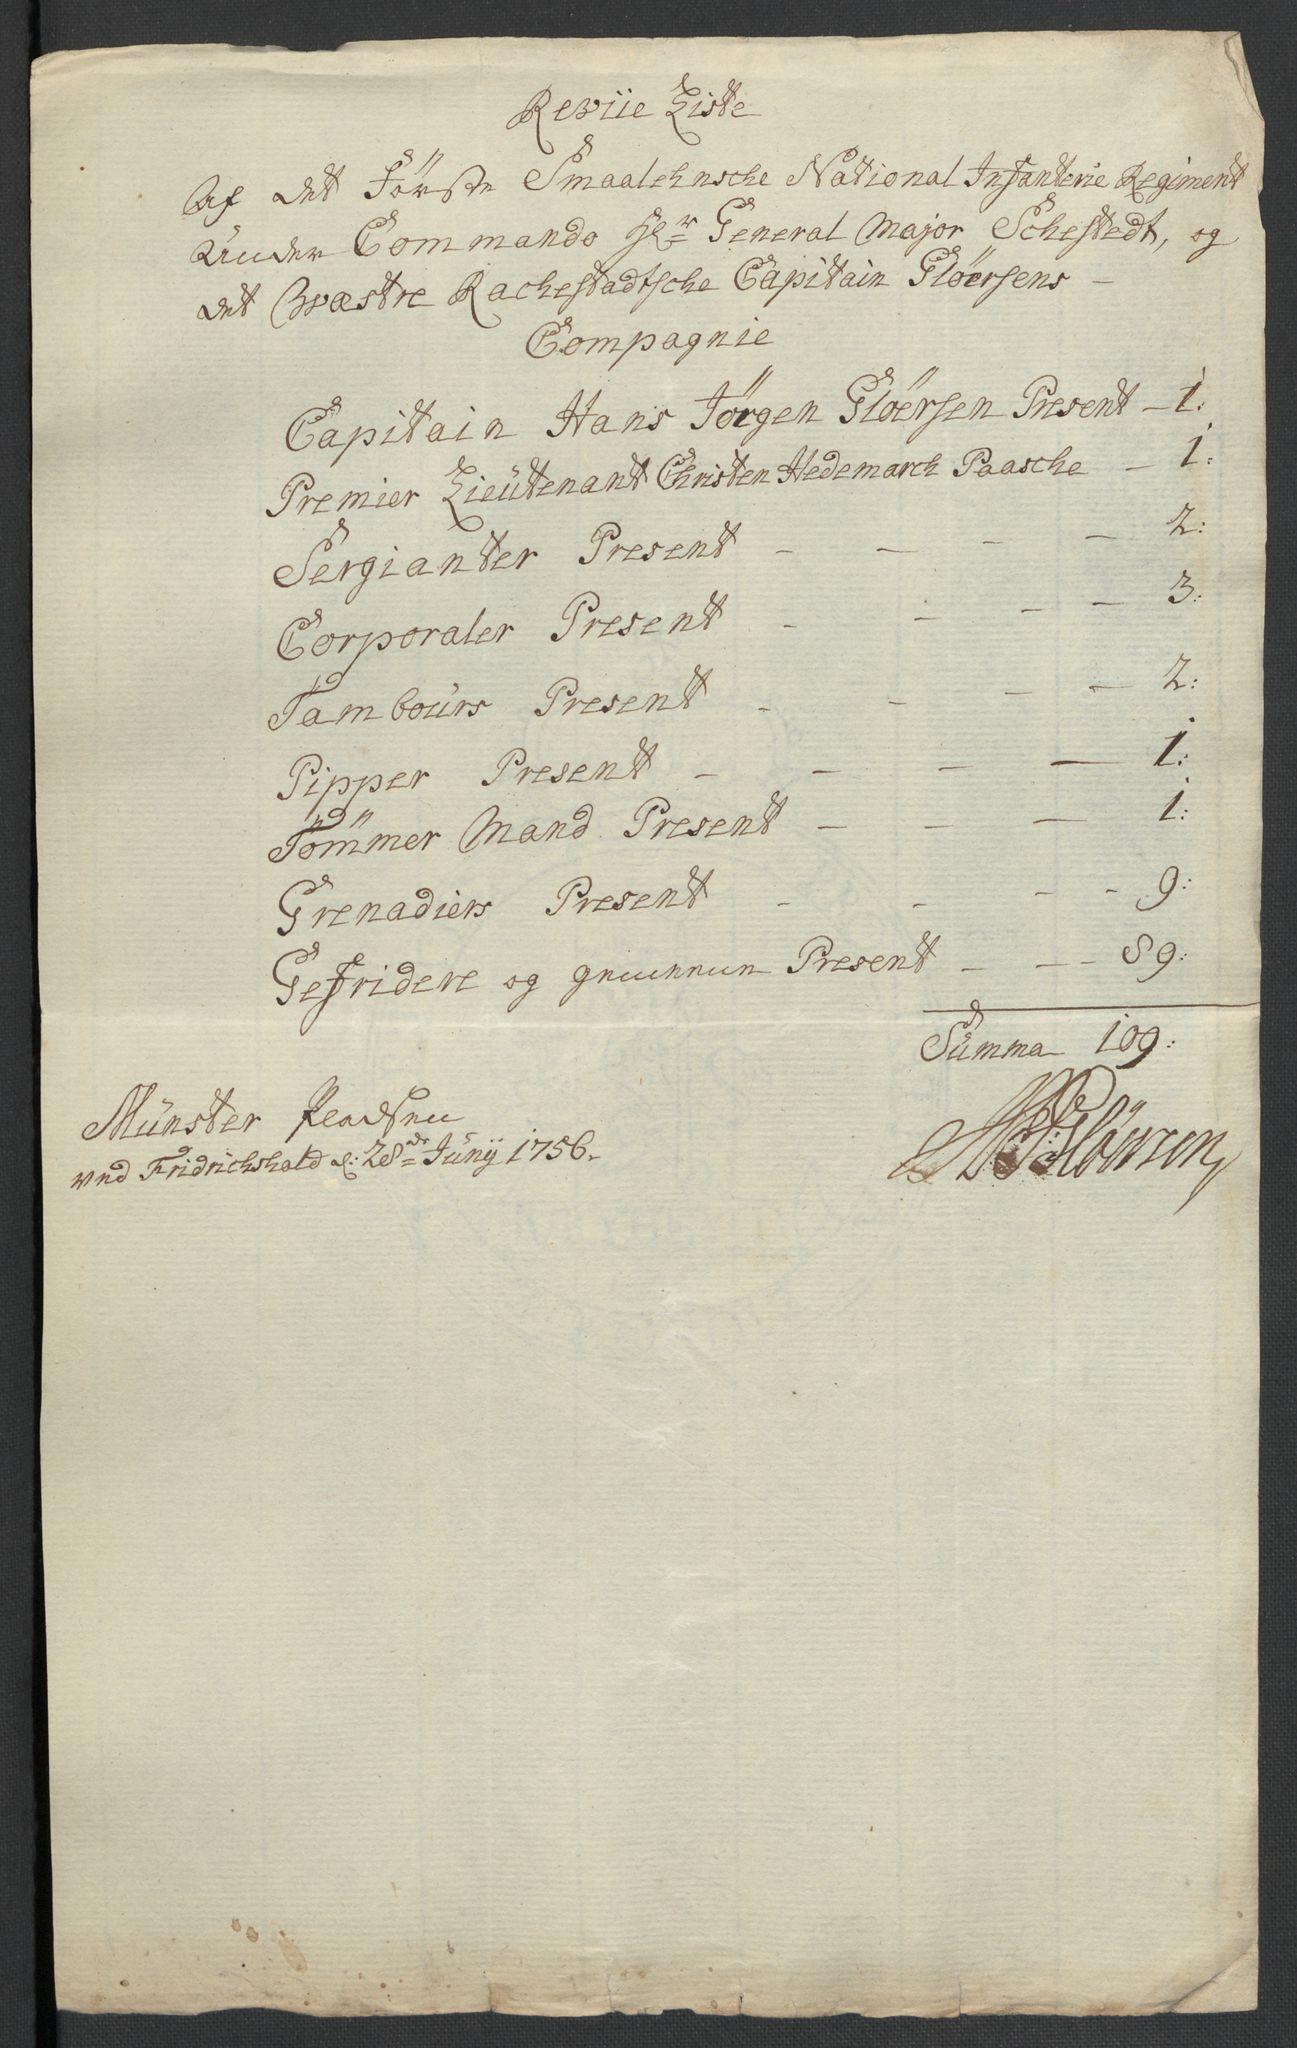 RA, Kommanderende general (KG I) med Det norske krigsdirektorium, E/Ea/L0495: 1. Smålenske regiment, 1732-1763, s. 618